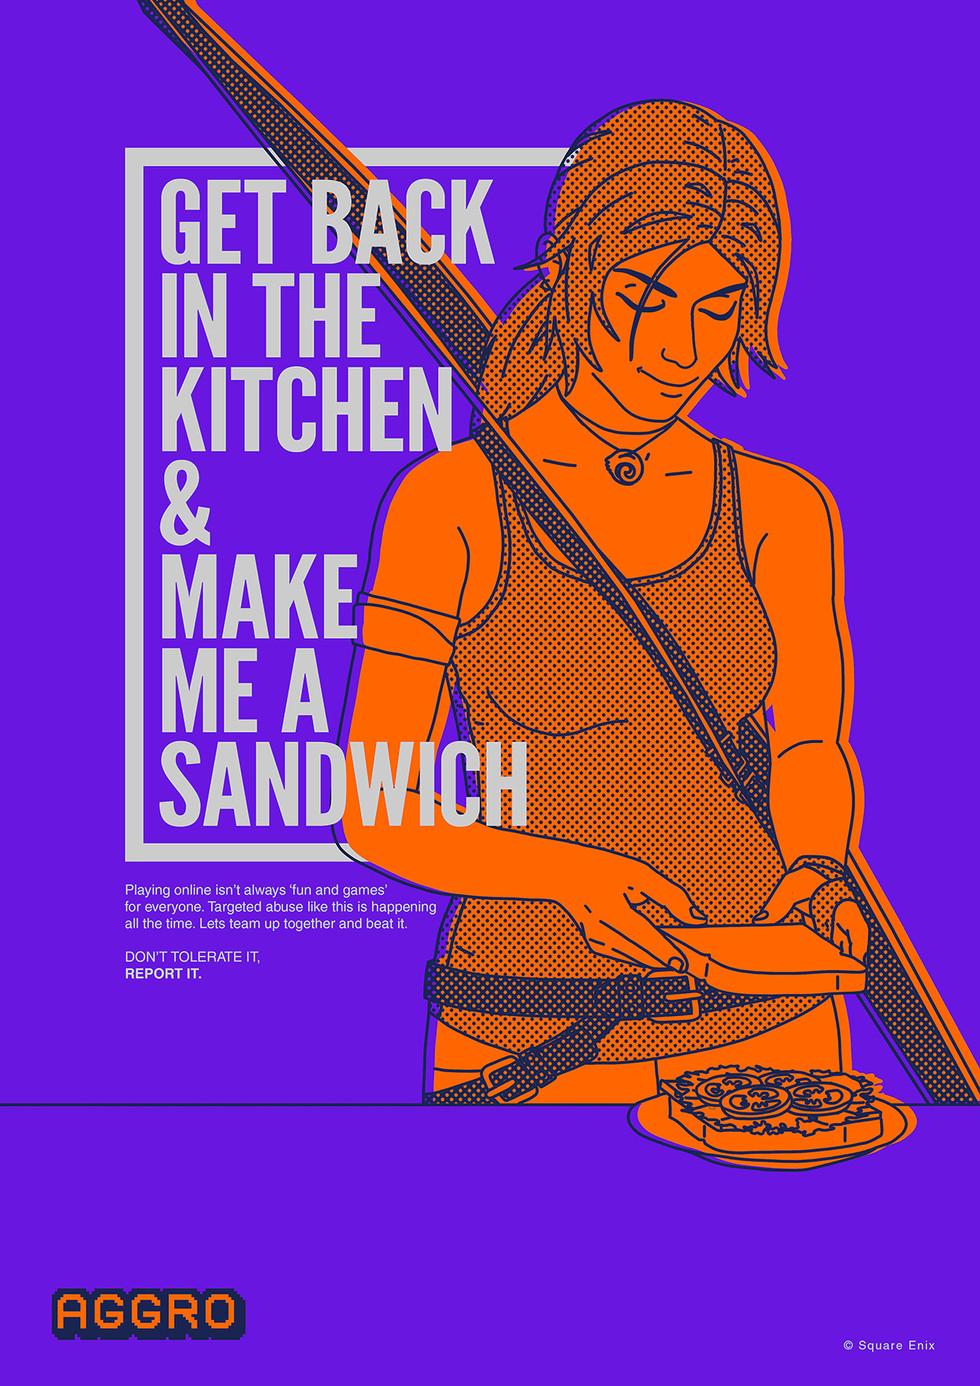 Aggro---Lara---Poster-sharp.jpg